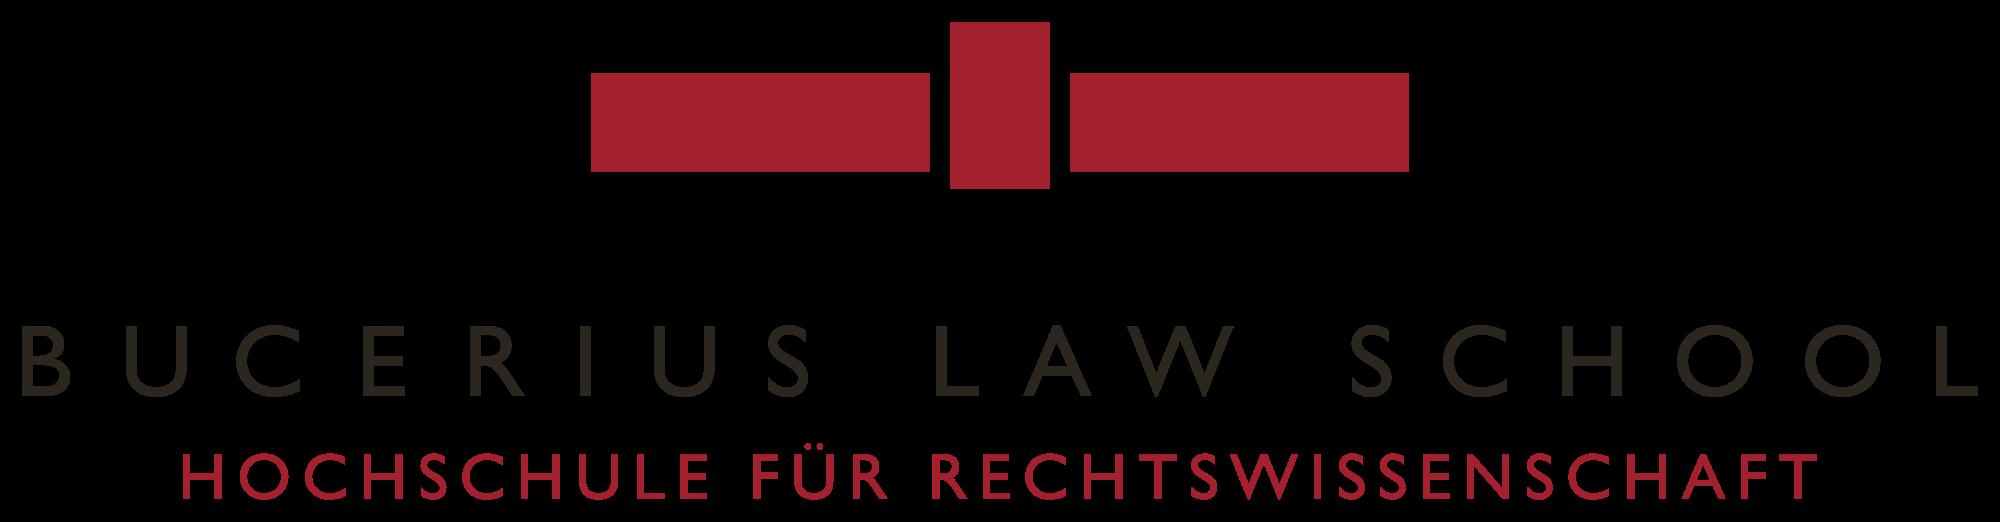 Bucerius Law School - Logo